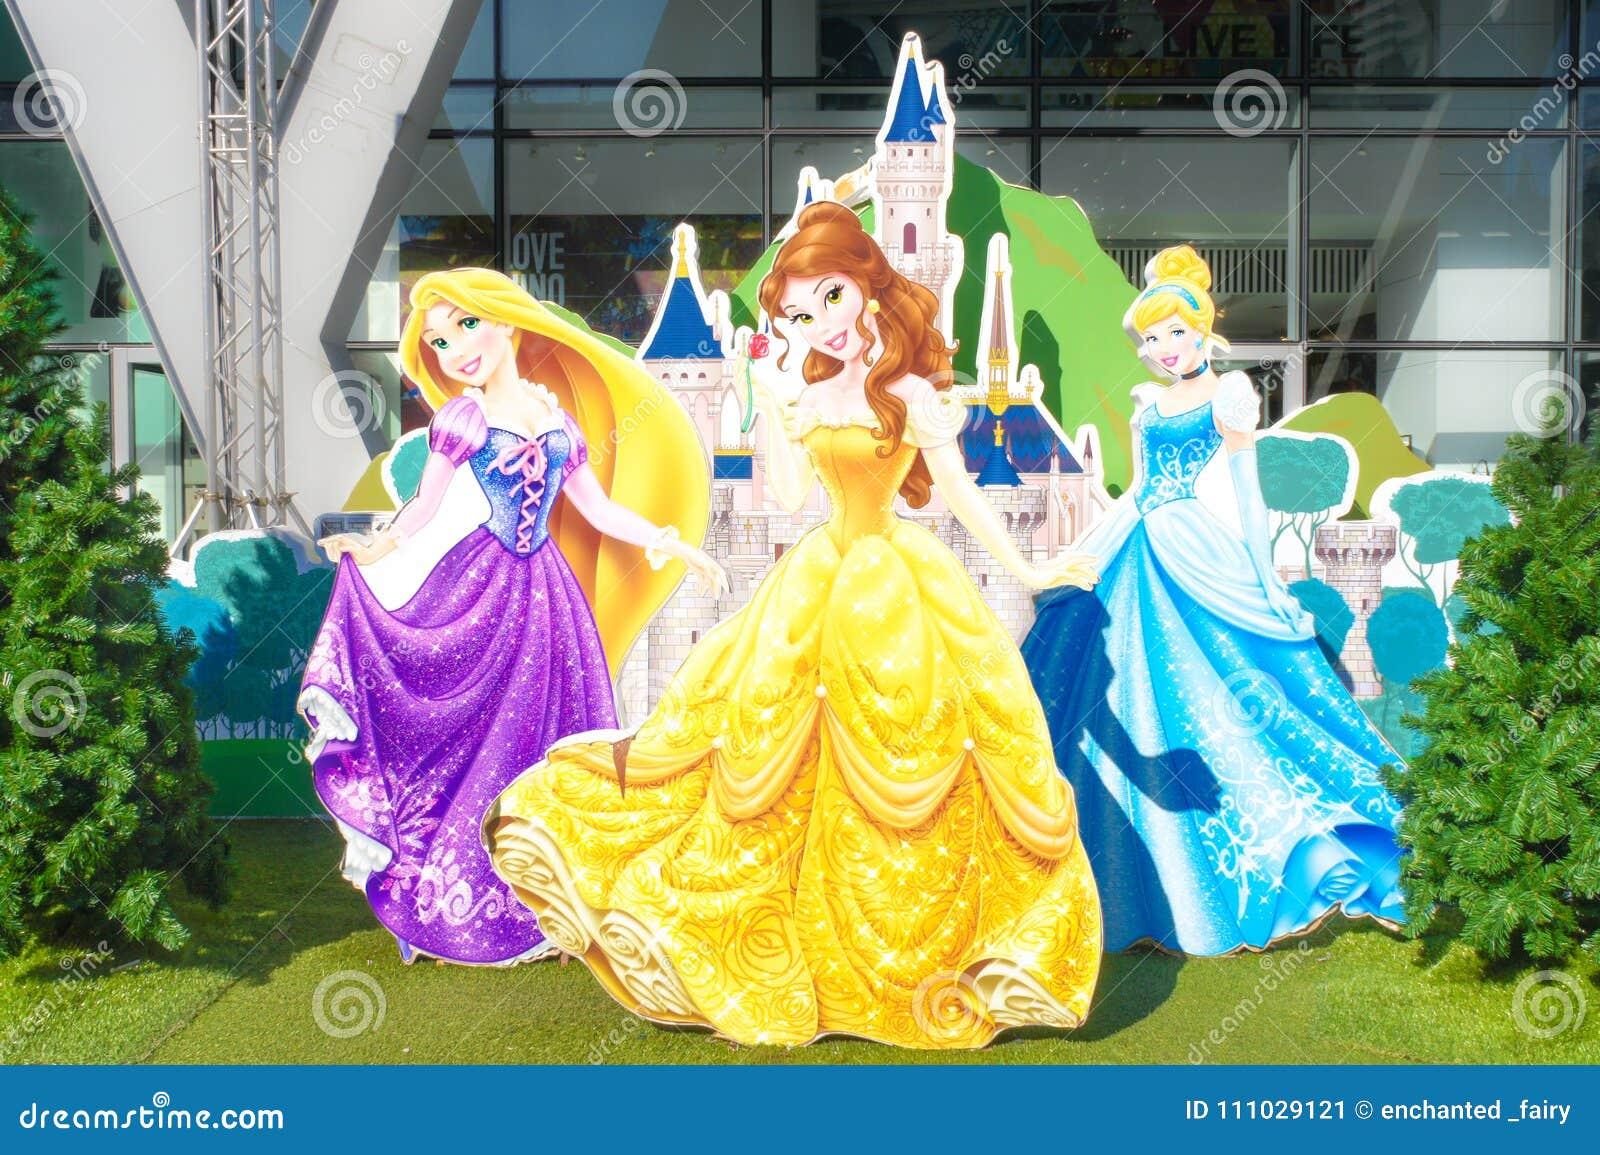 Princesas Rapunzel, belleza, Cenicienta y Disney de Disney se escudan detrás de ellos